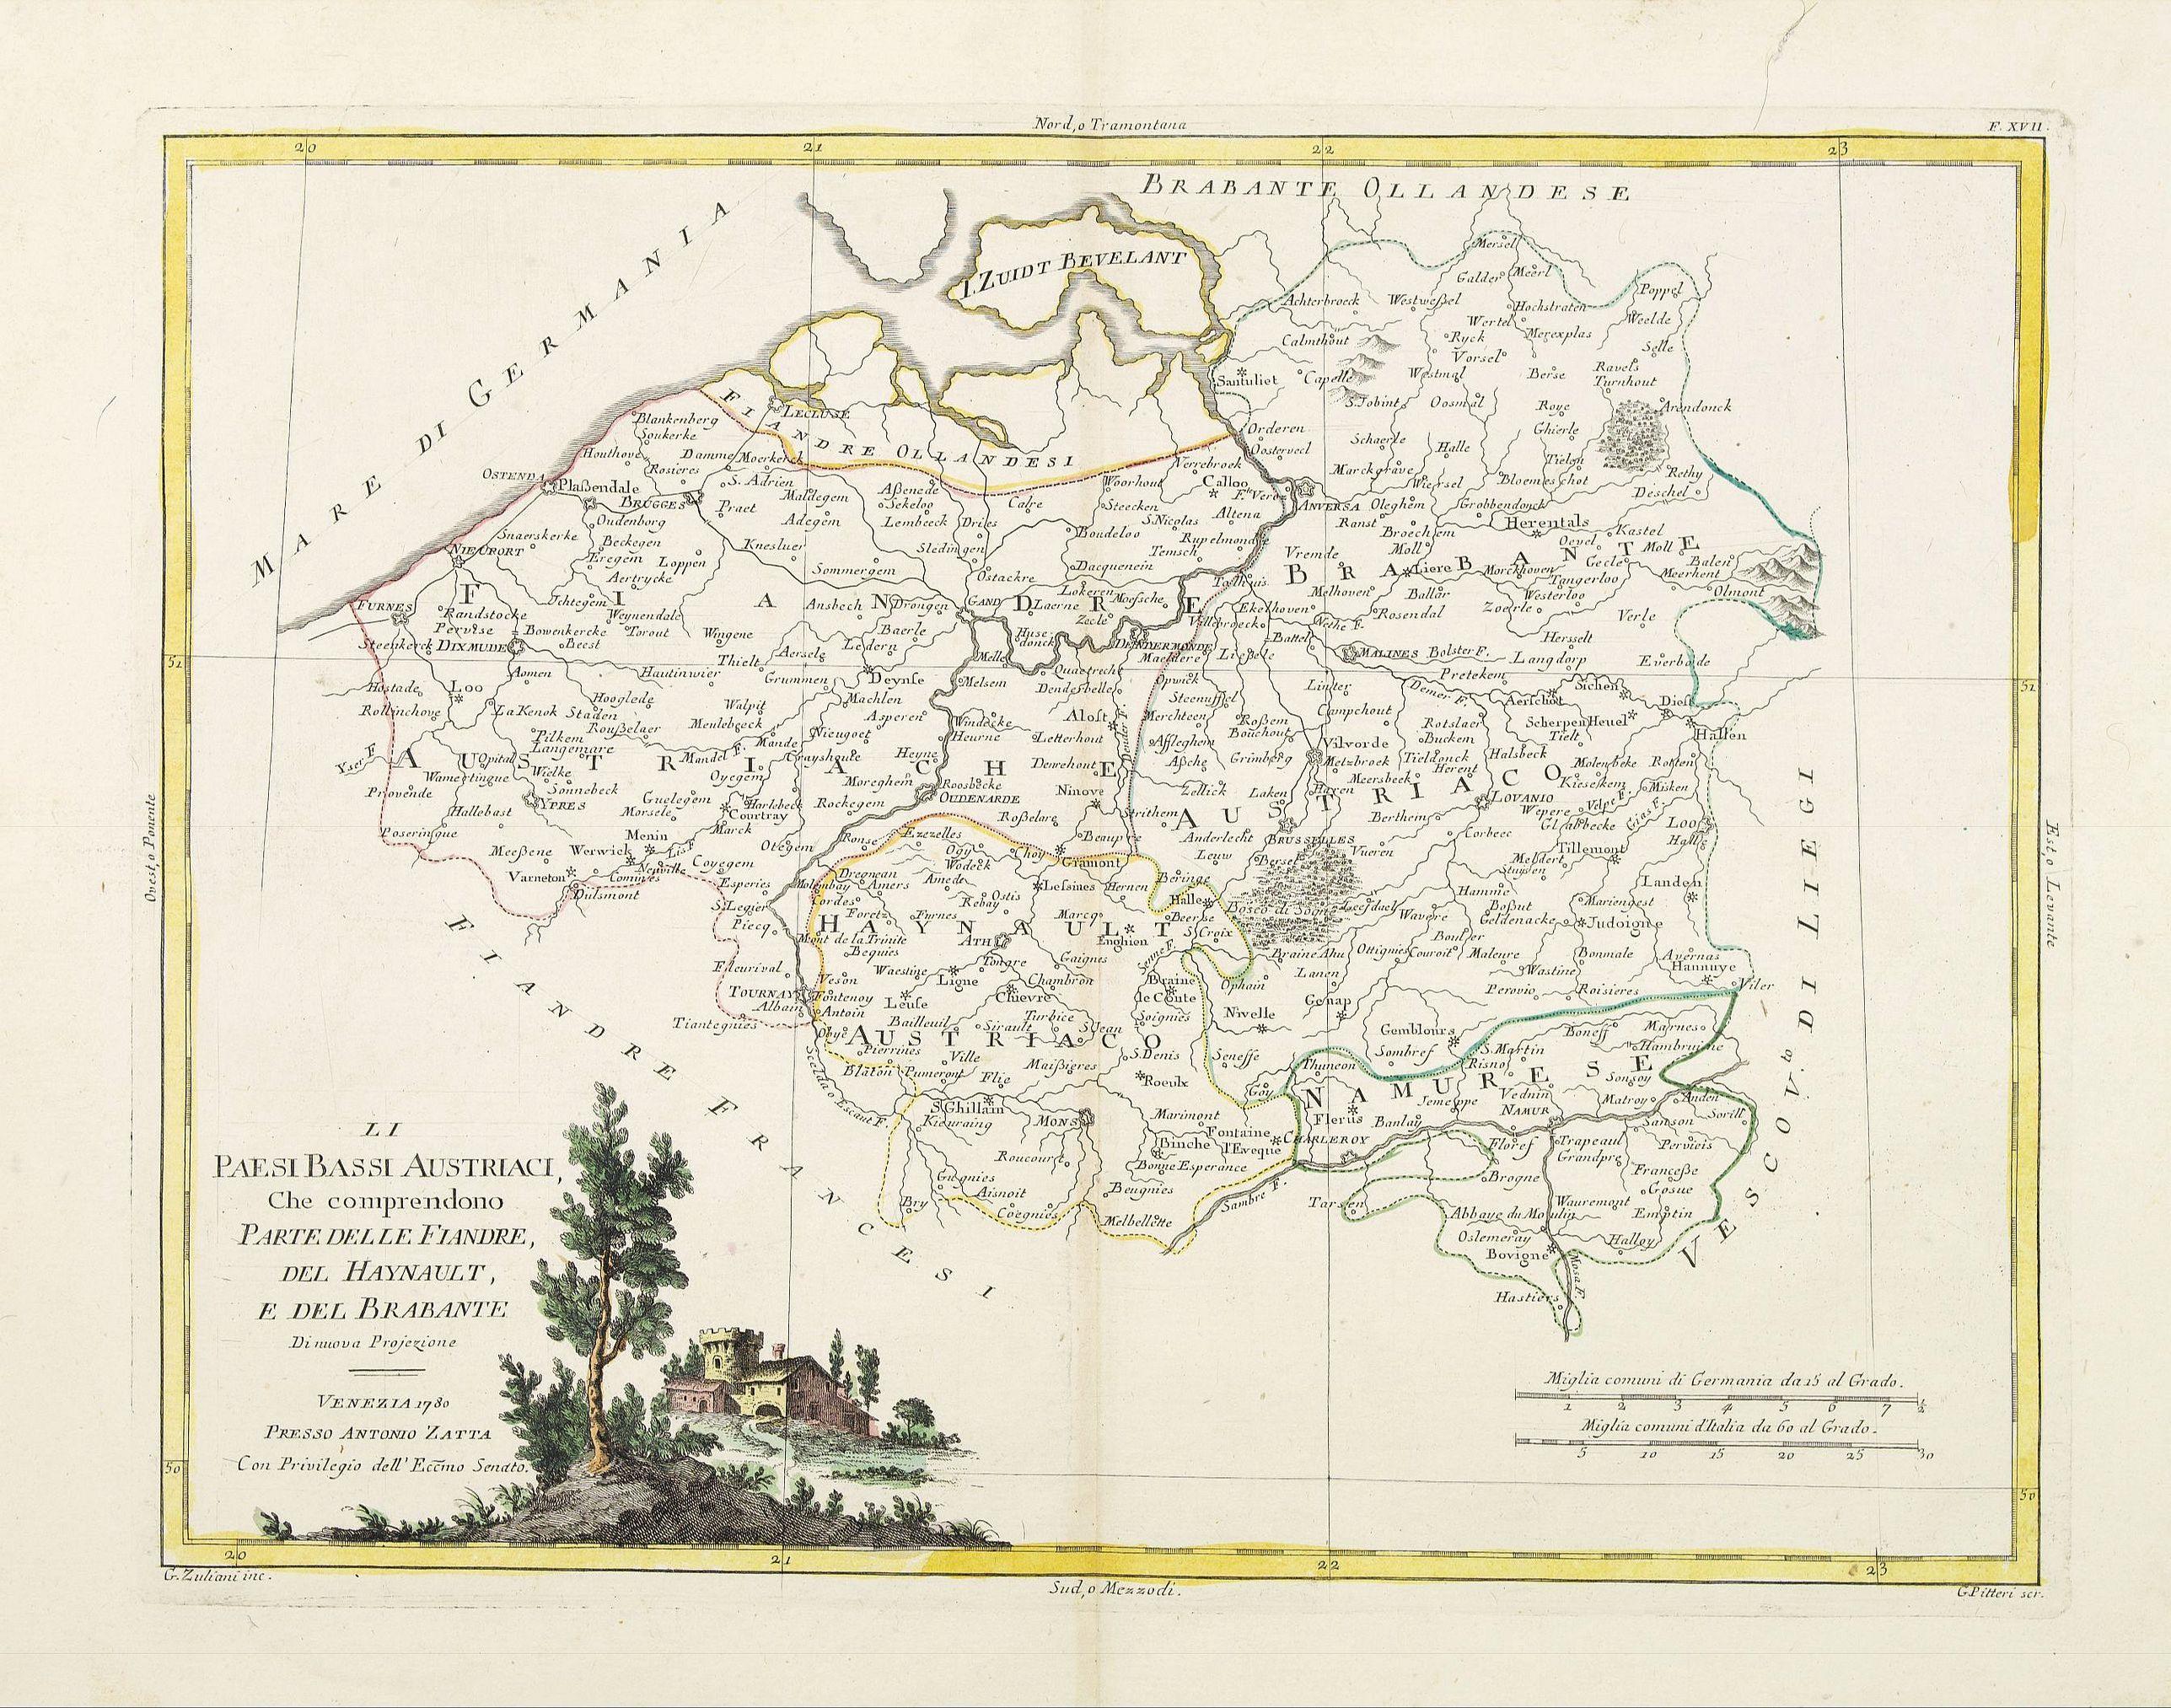 ZATTA, A. -  Il Paesi Bassi Austriaci, che comprendono parte delle Flandre, del Haynault, e del Brabante.